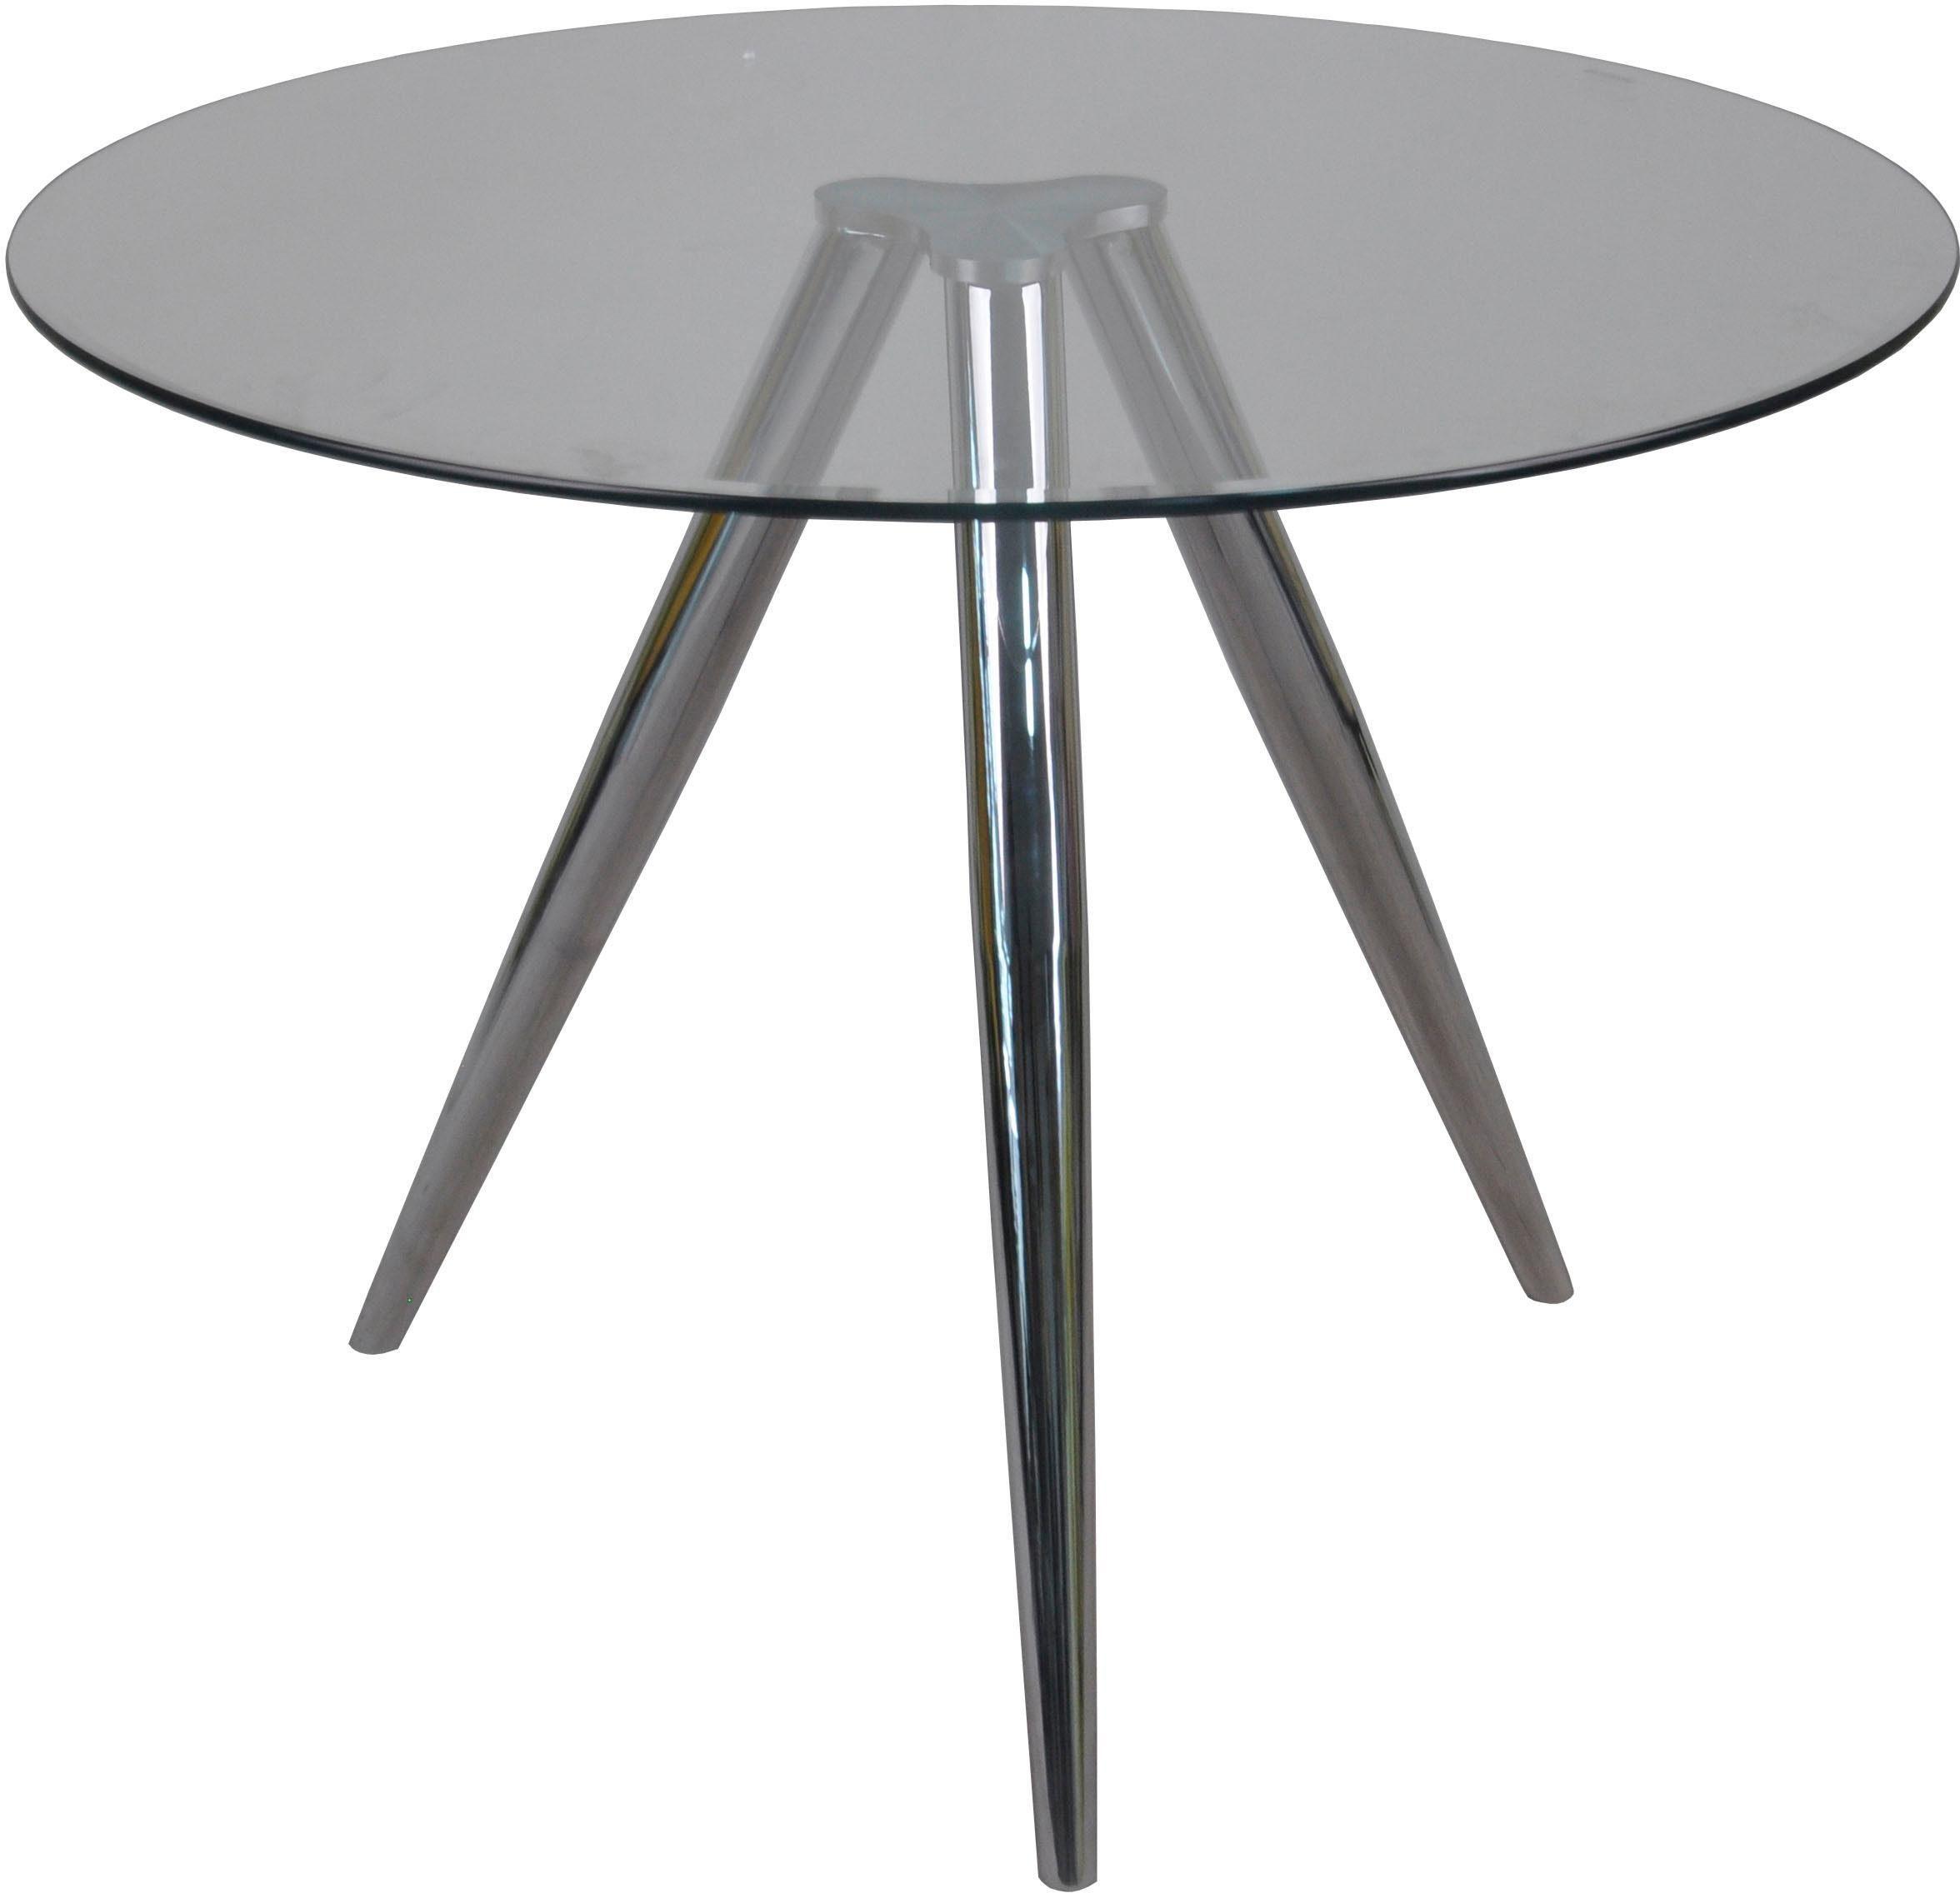 SalesFever Esstisch, mit modernem Chrom Gestell farblos Esstisch Esstische rund oval Tische